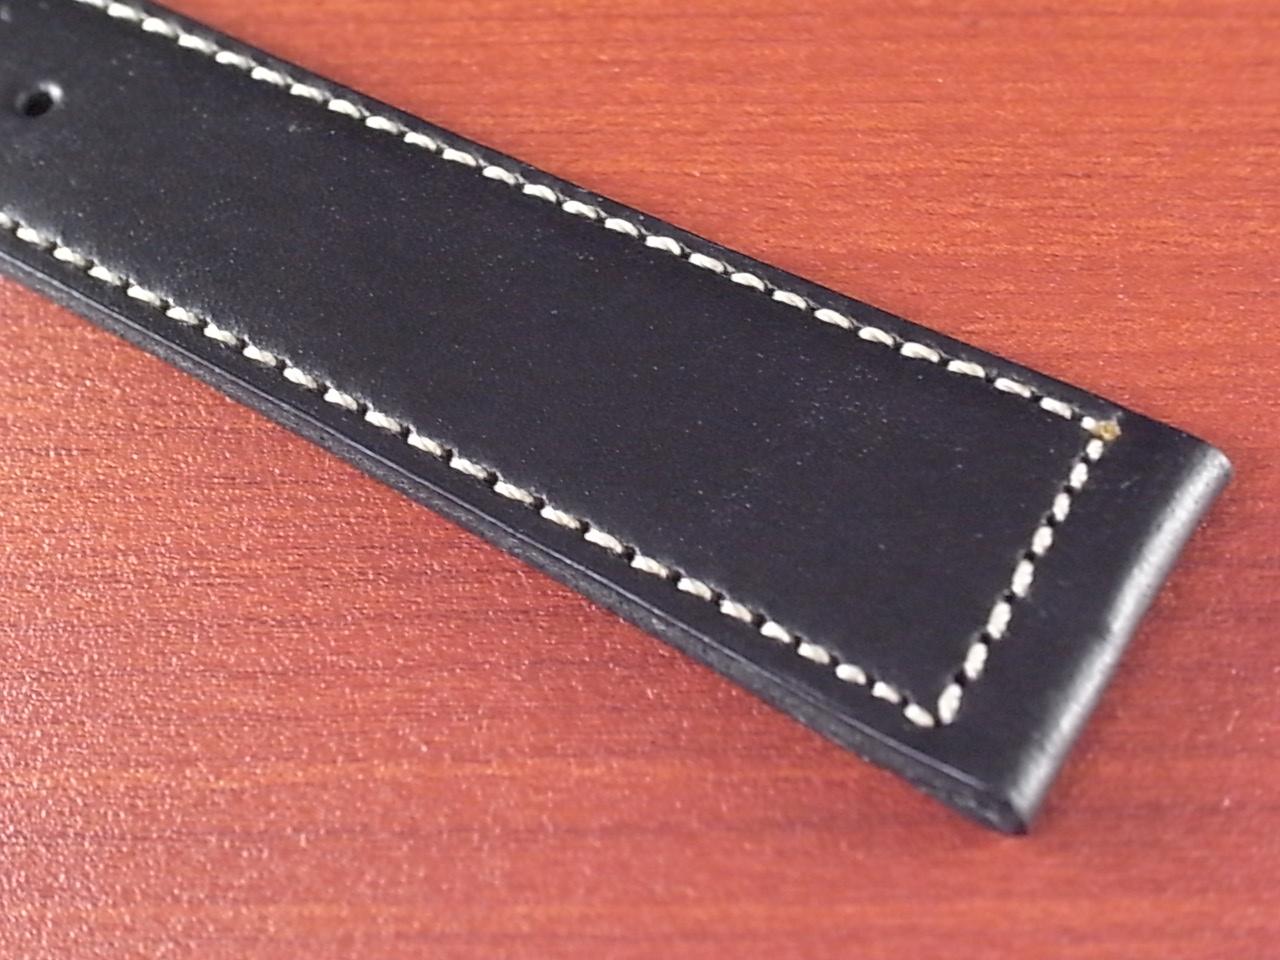 ホーウィン クロムエクセル レギュラー ブラック 16、17、18、19、20mmの写真5枚目